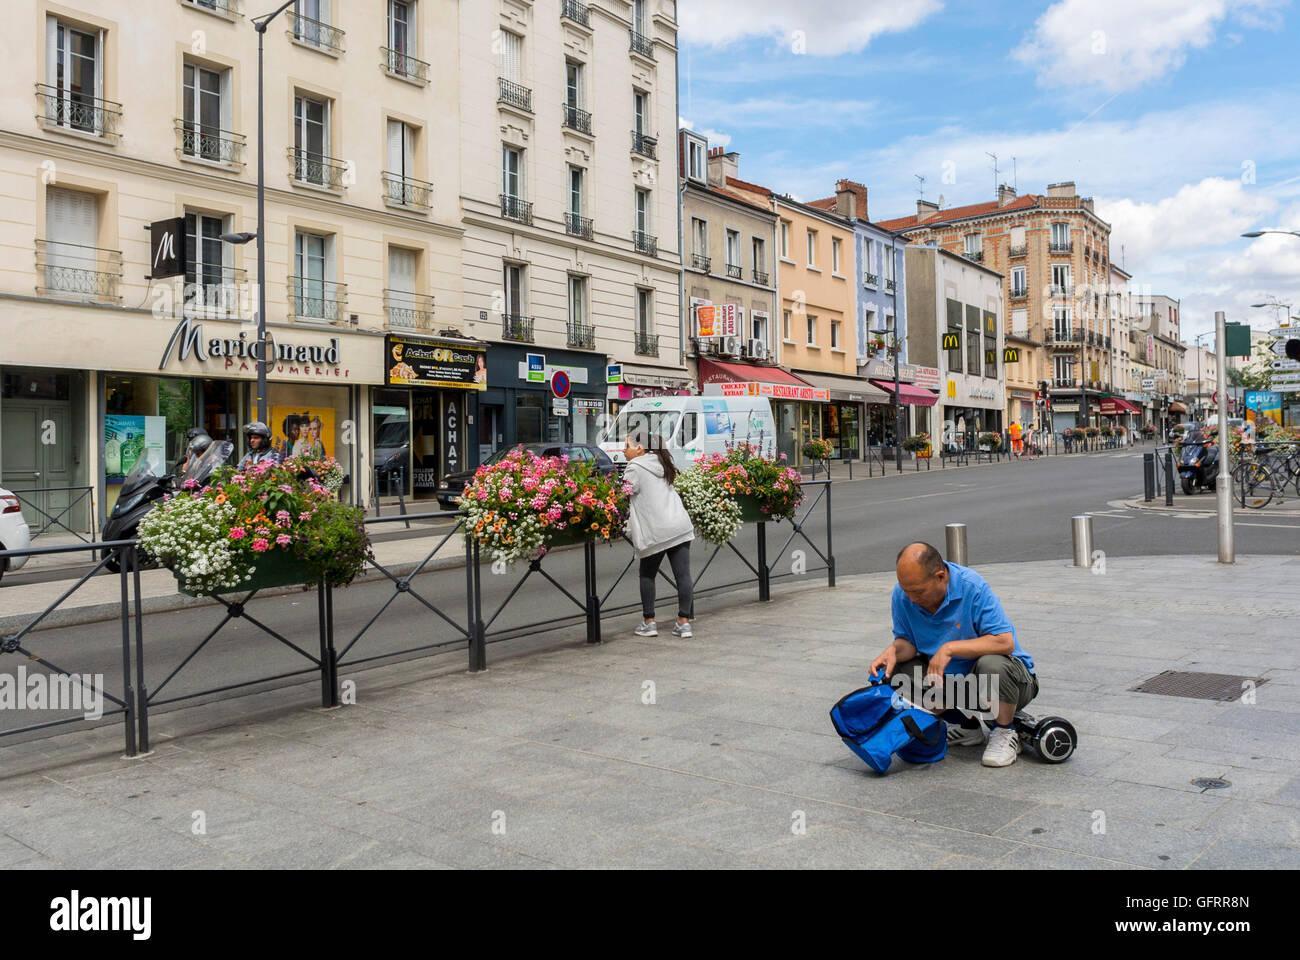 Les lilas france suburbs street scenes porte des - Clinique les maussins porte des lilas ...